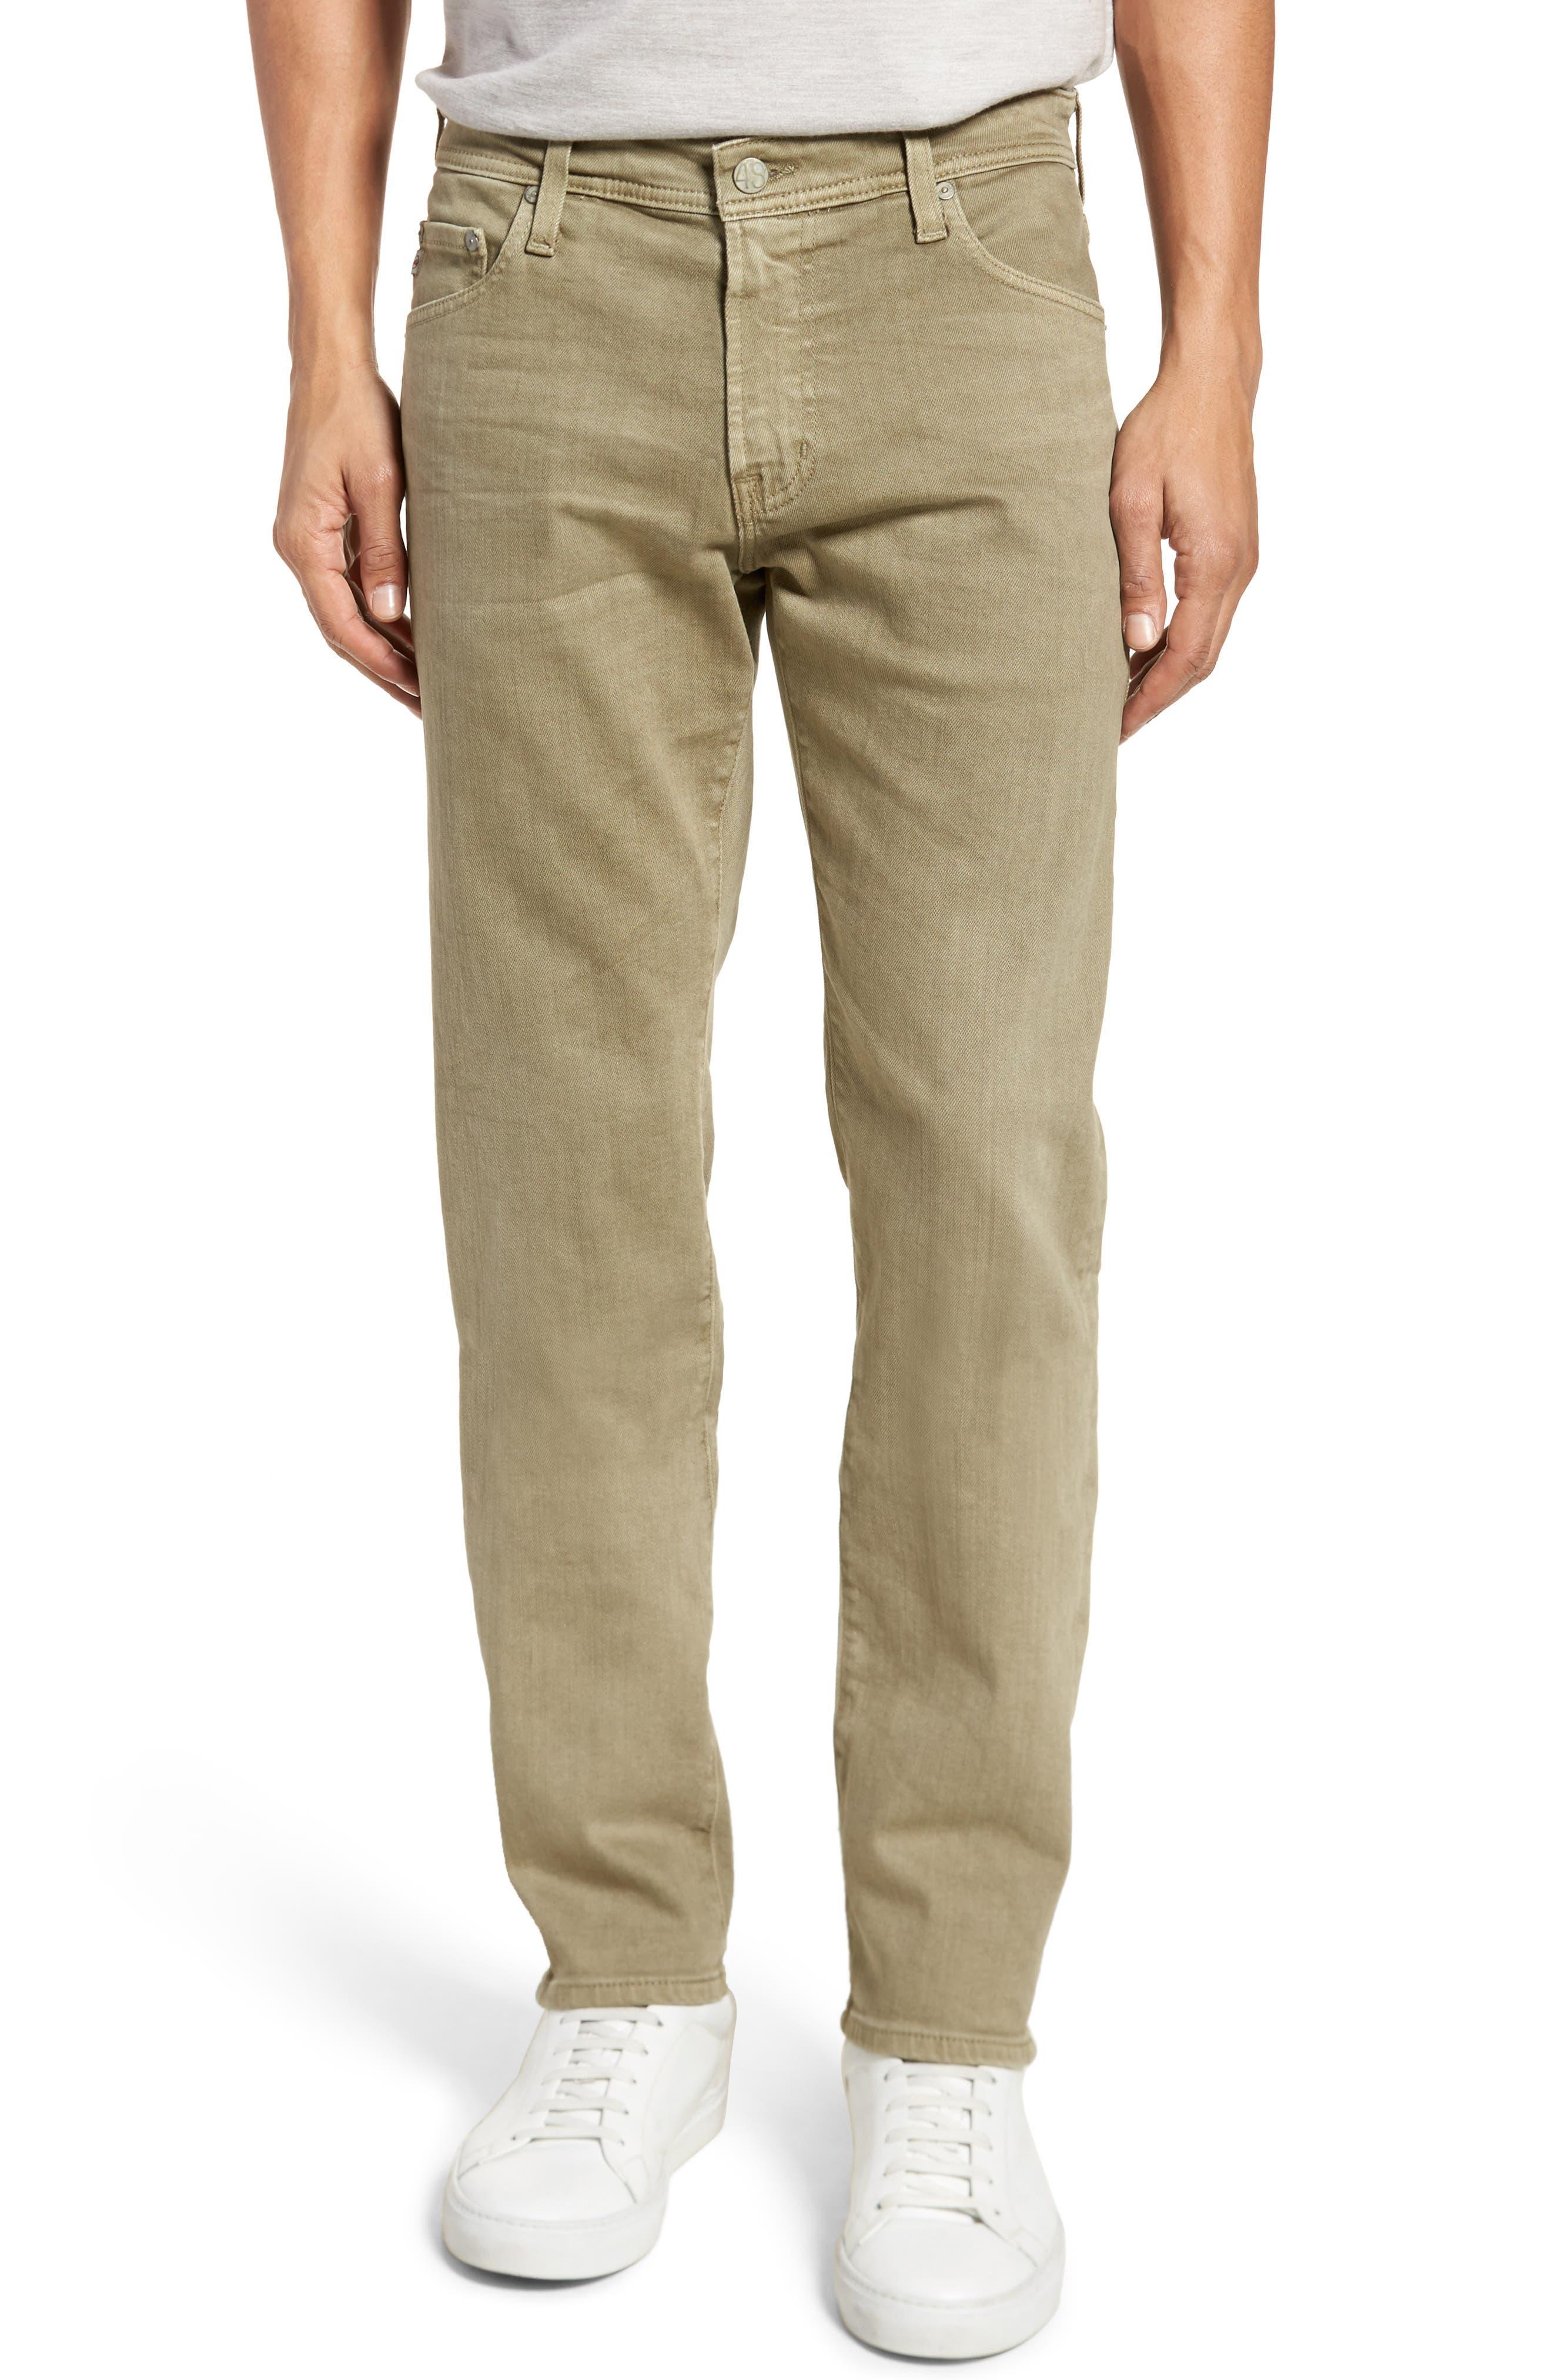 Tellis Slim Fit Jeans,                         Main,                         color, 316